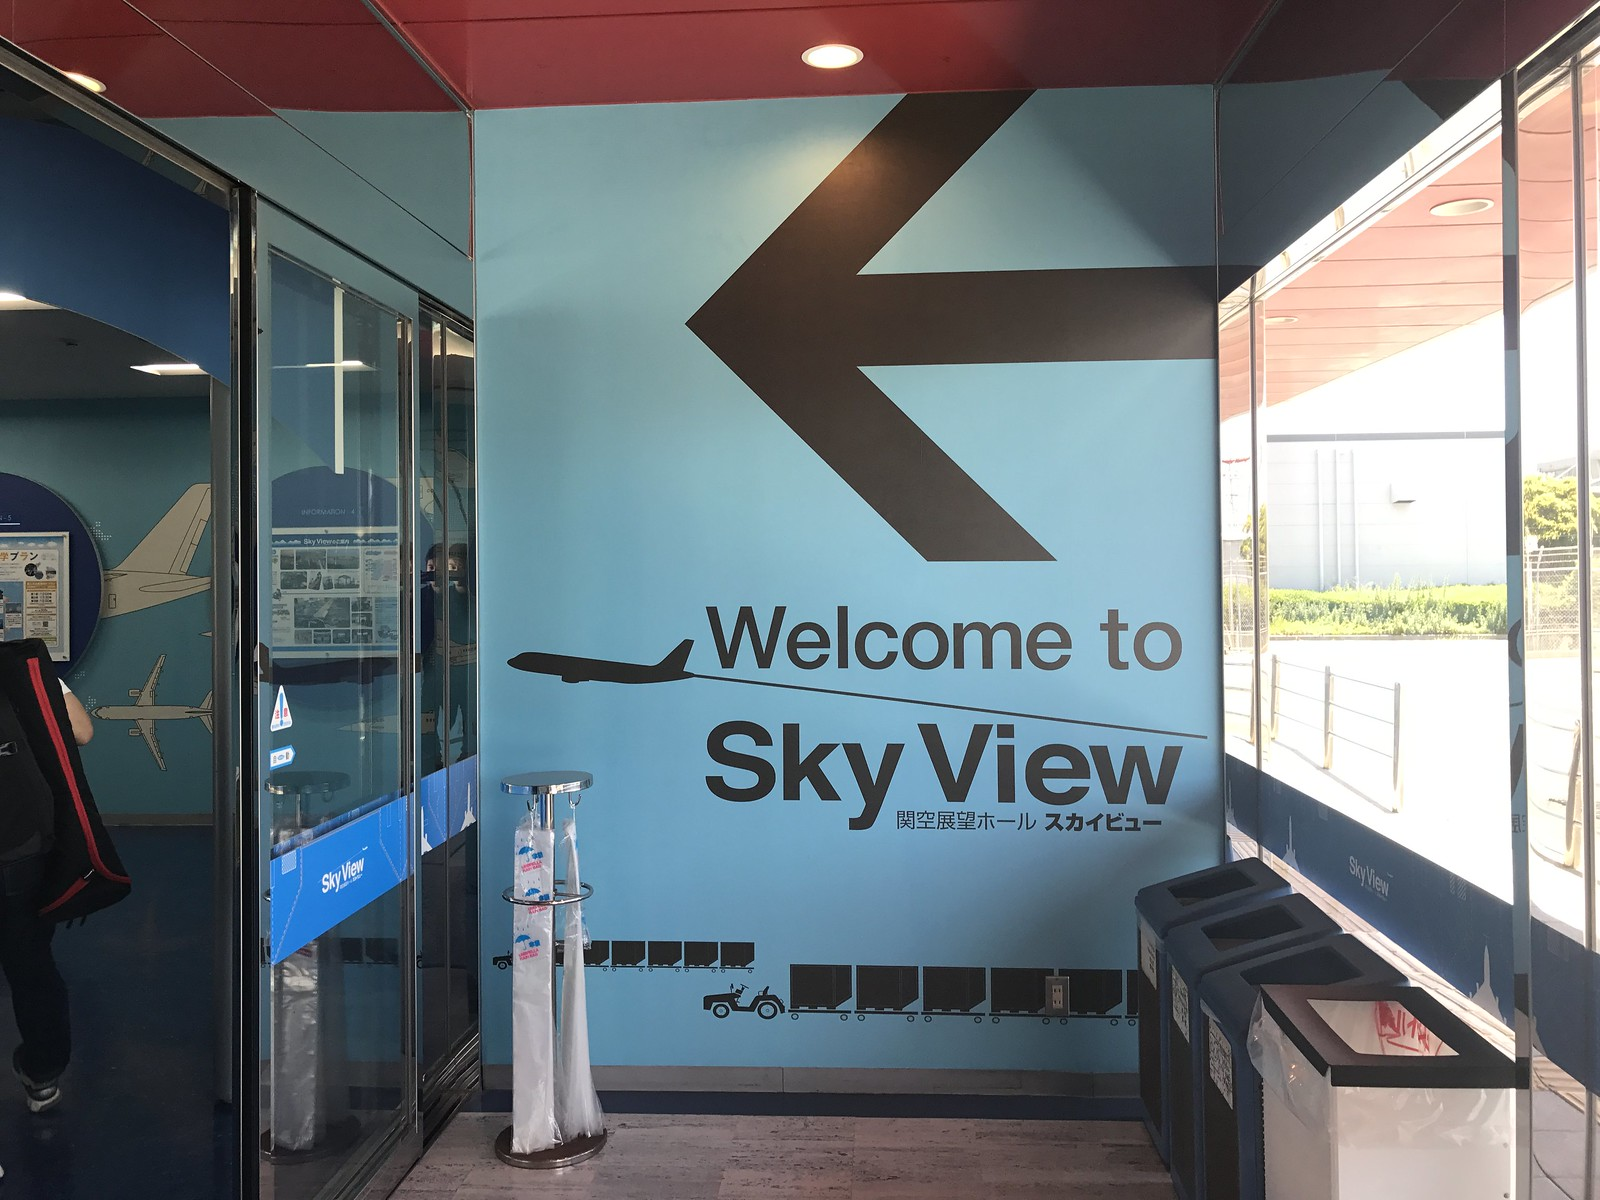 KIX Sky View